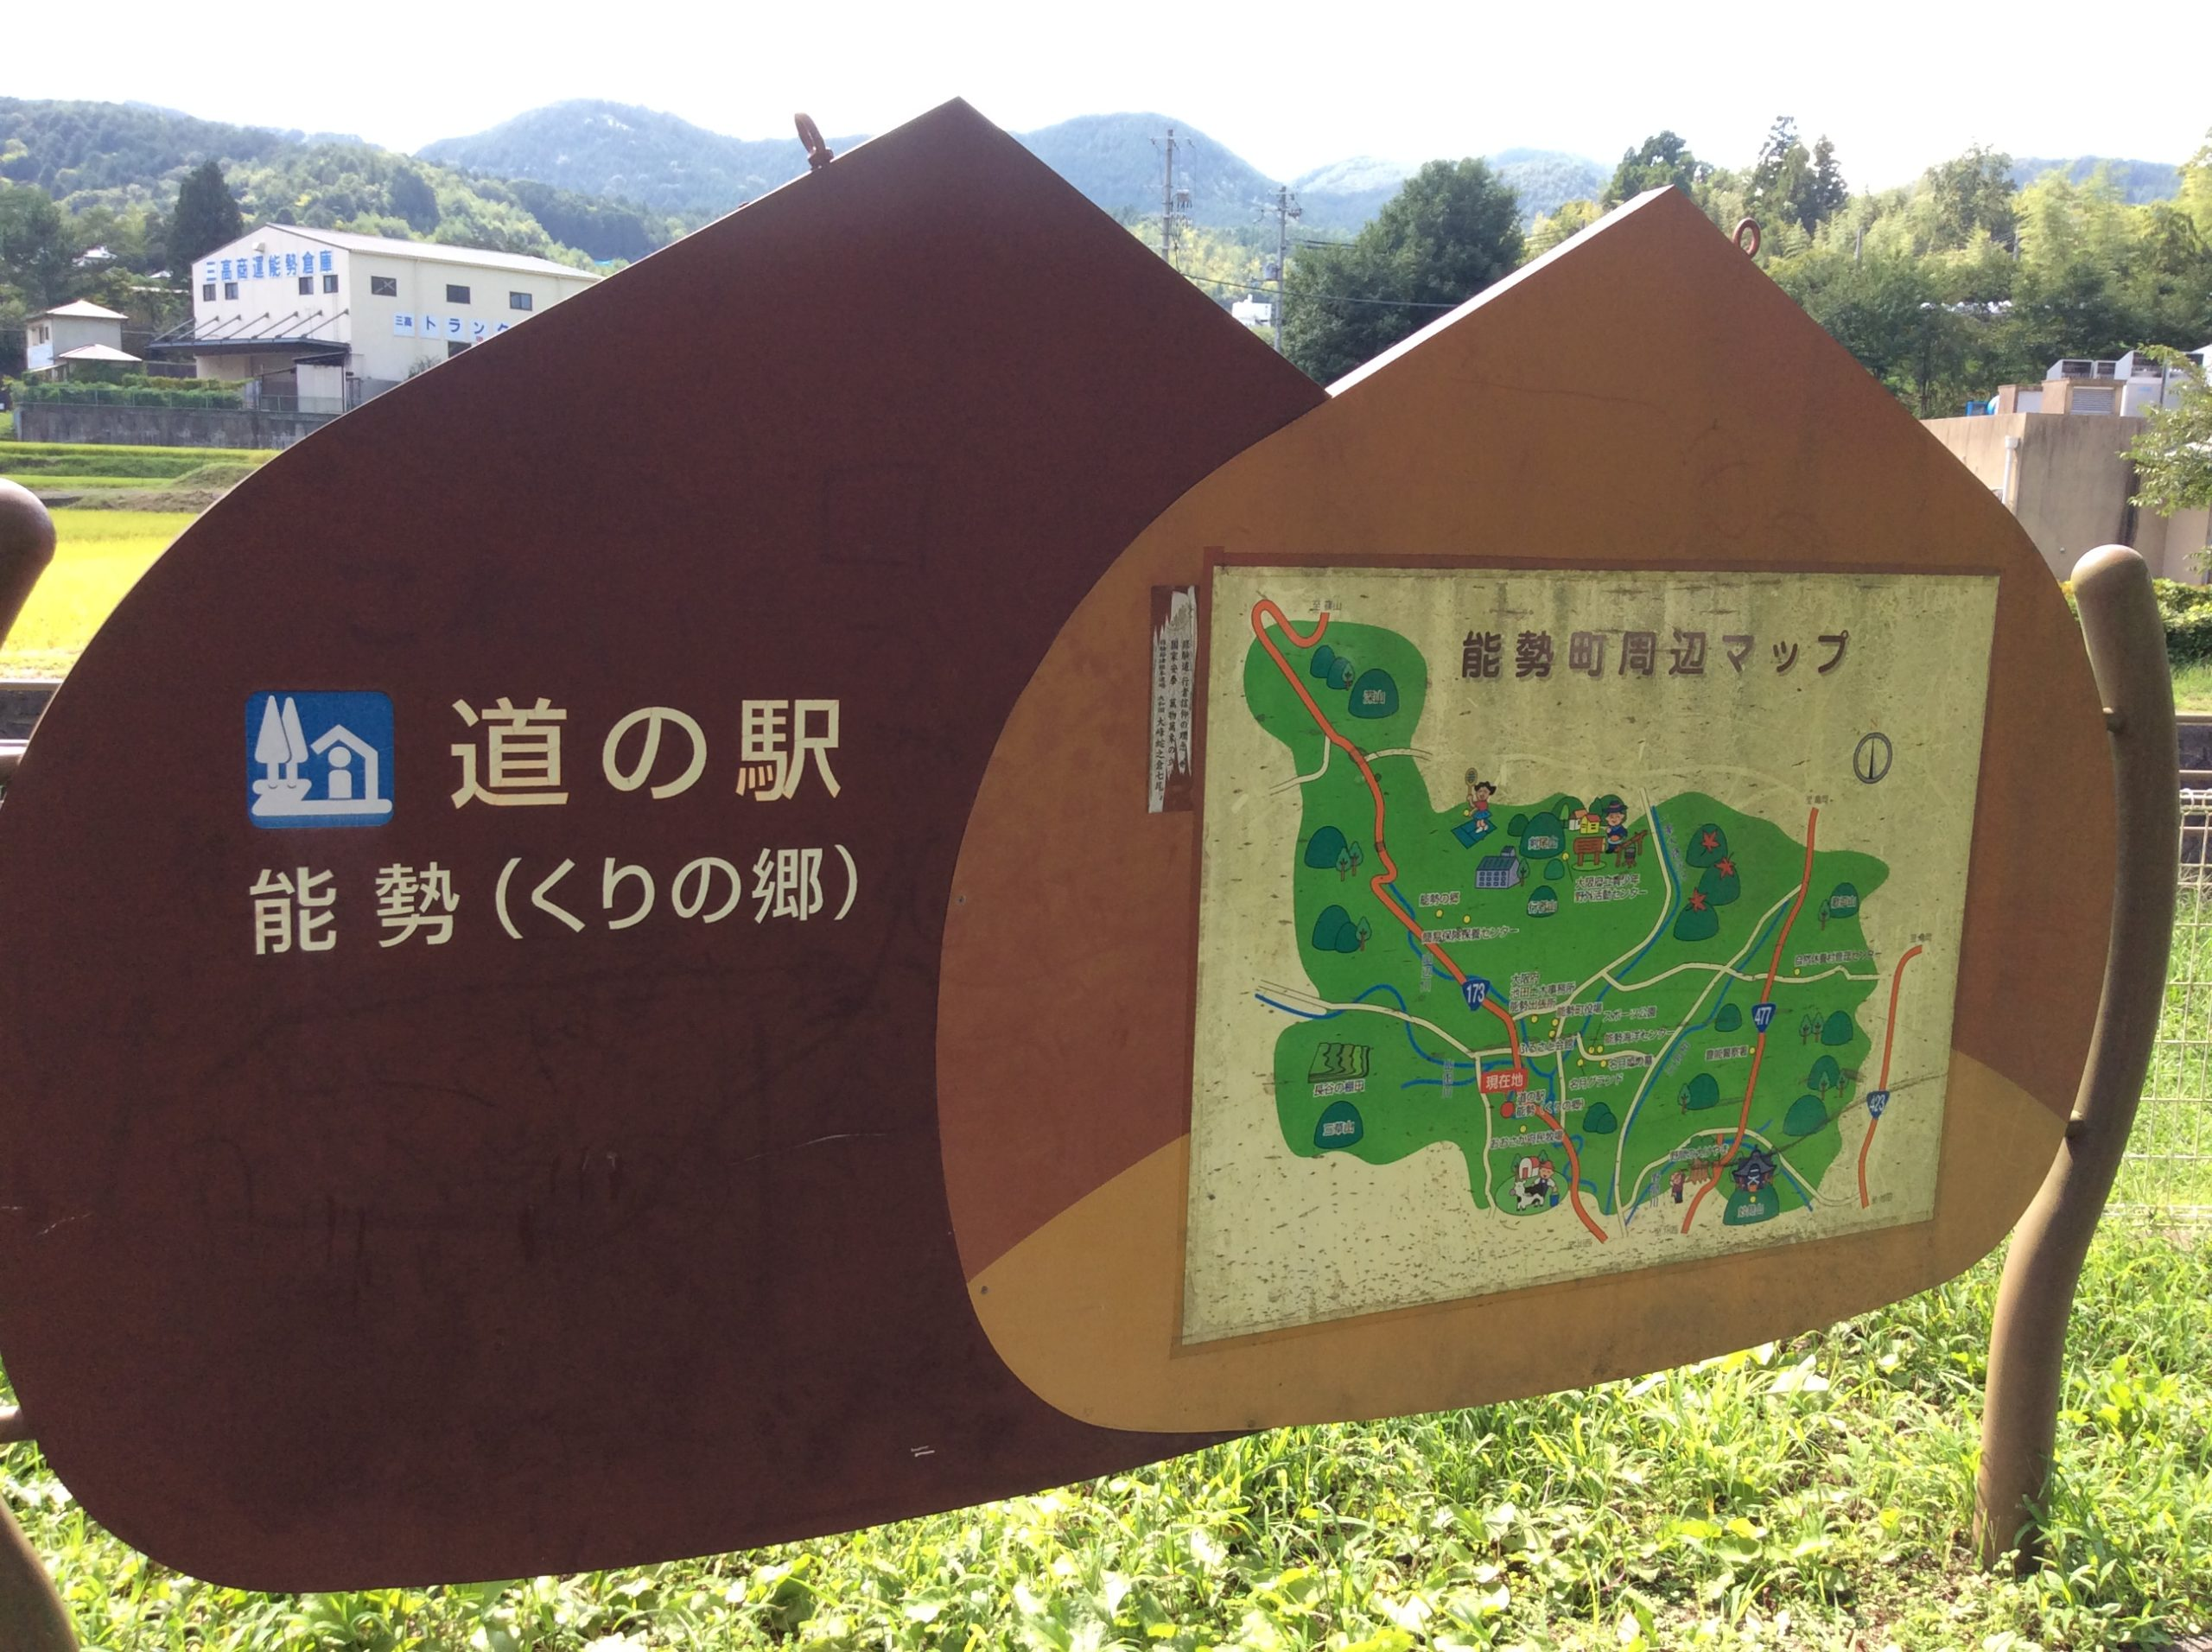 大阪 道の駅能勢(くりの郷)